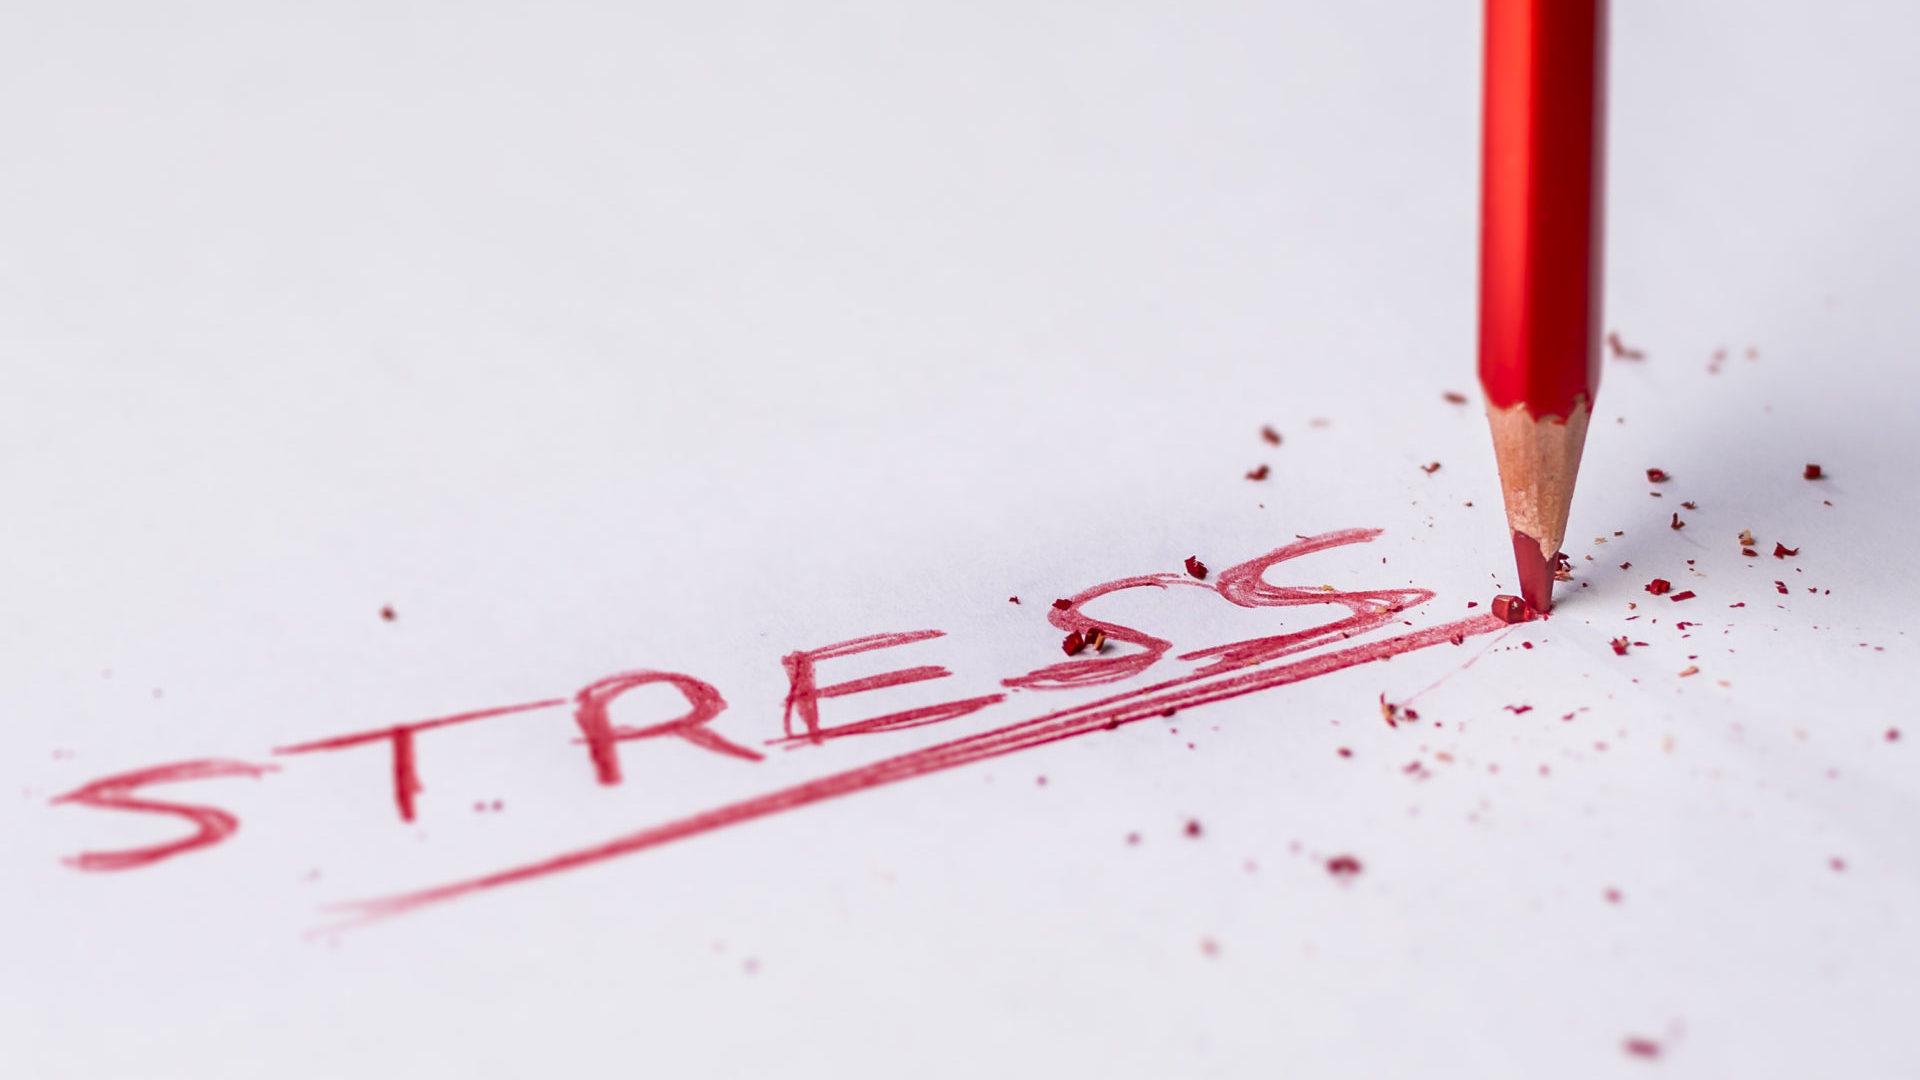 stormpsykologi stress billede